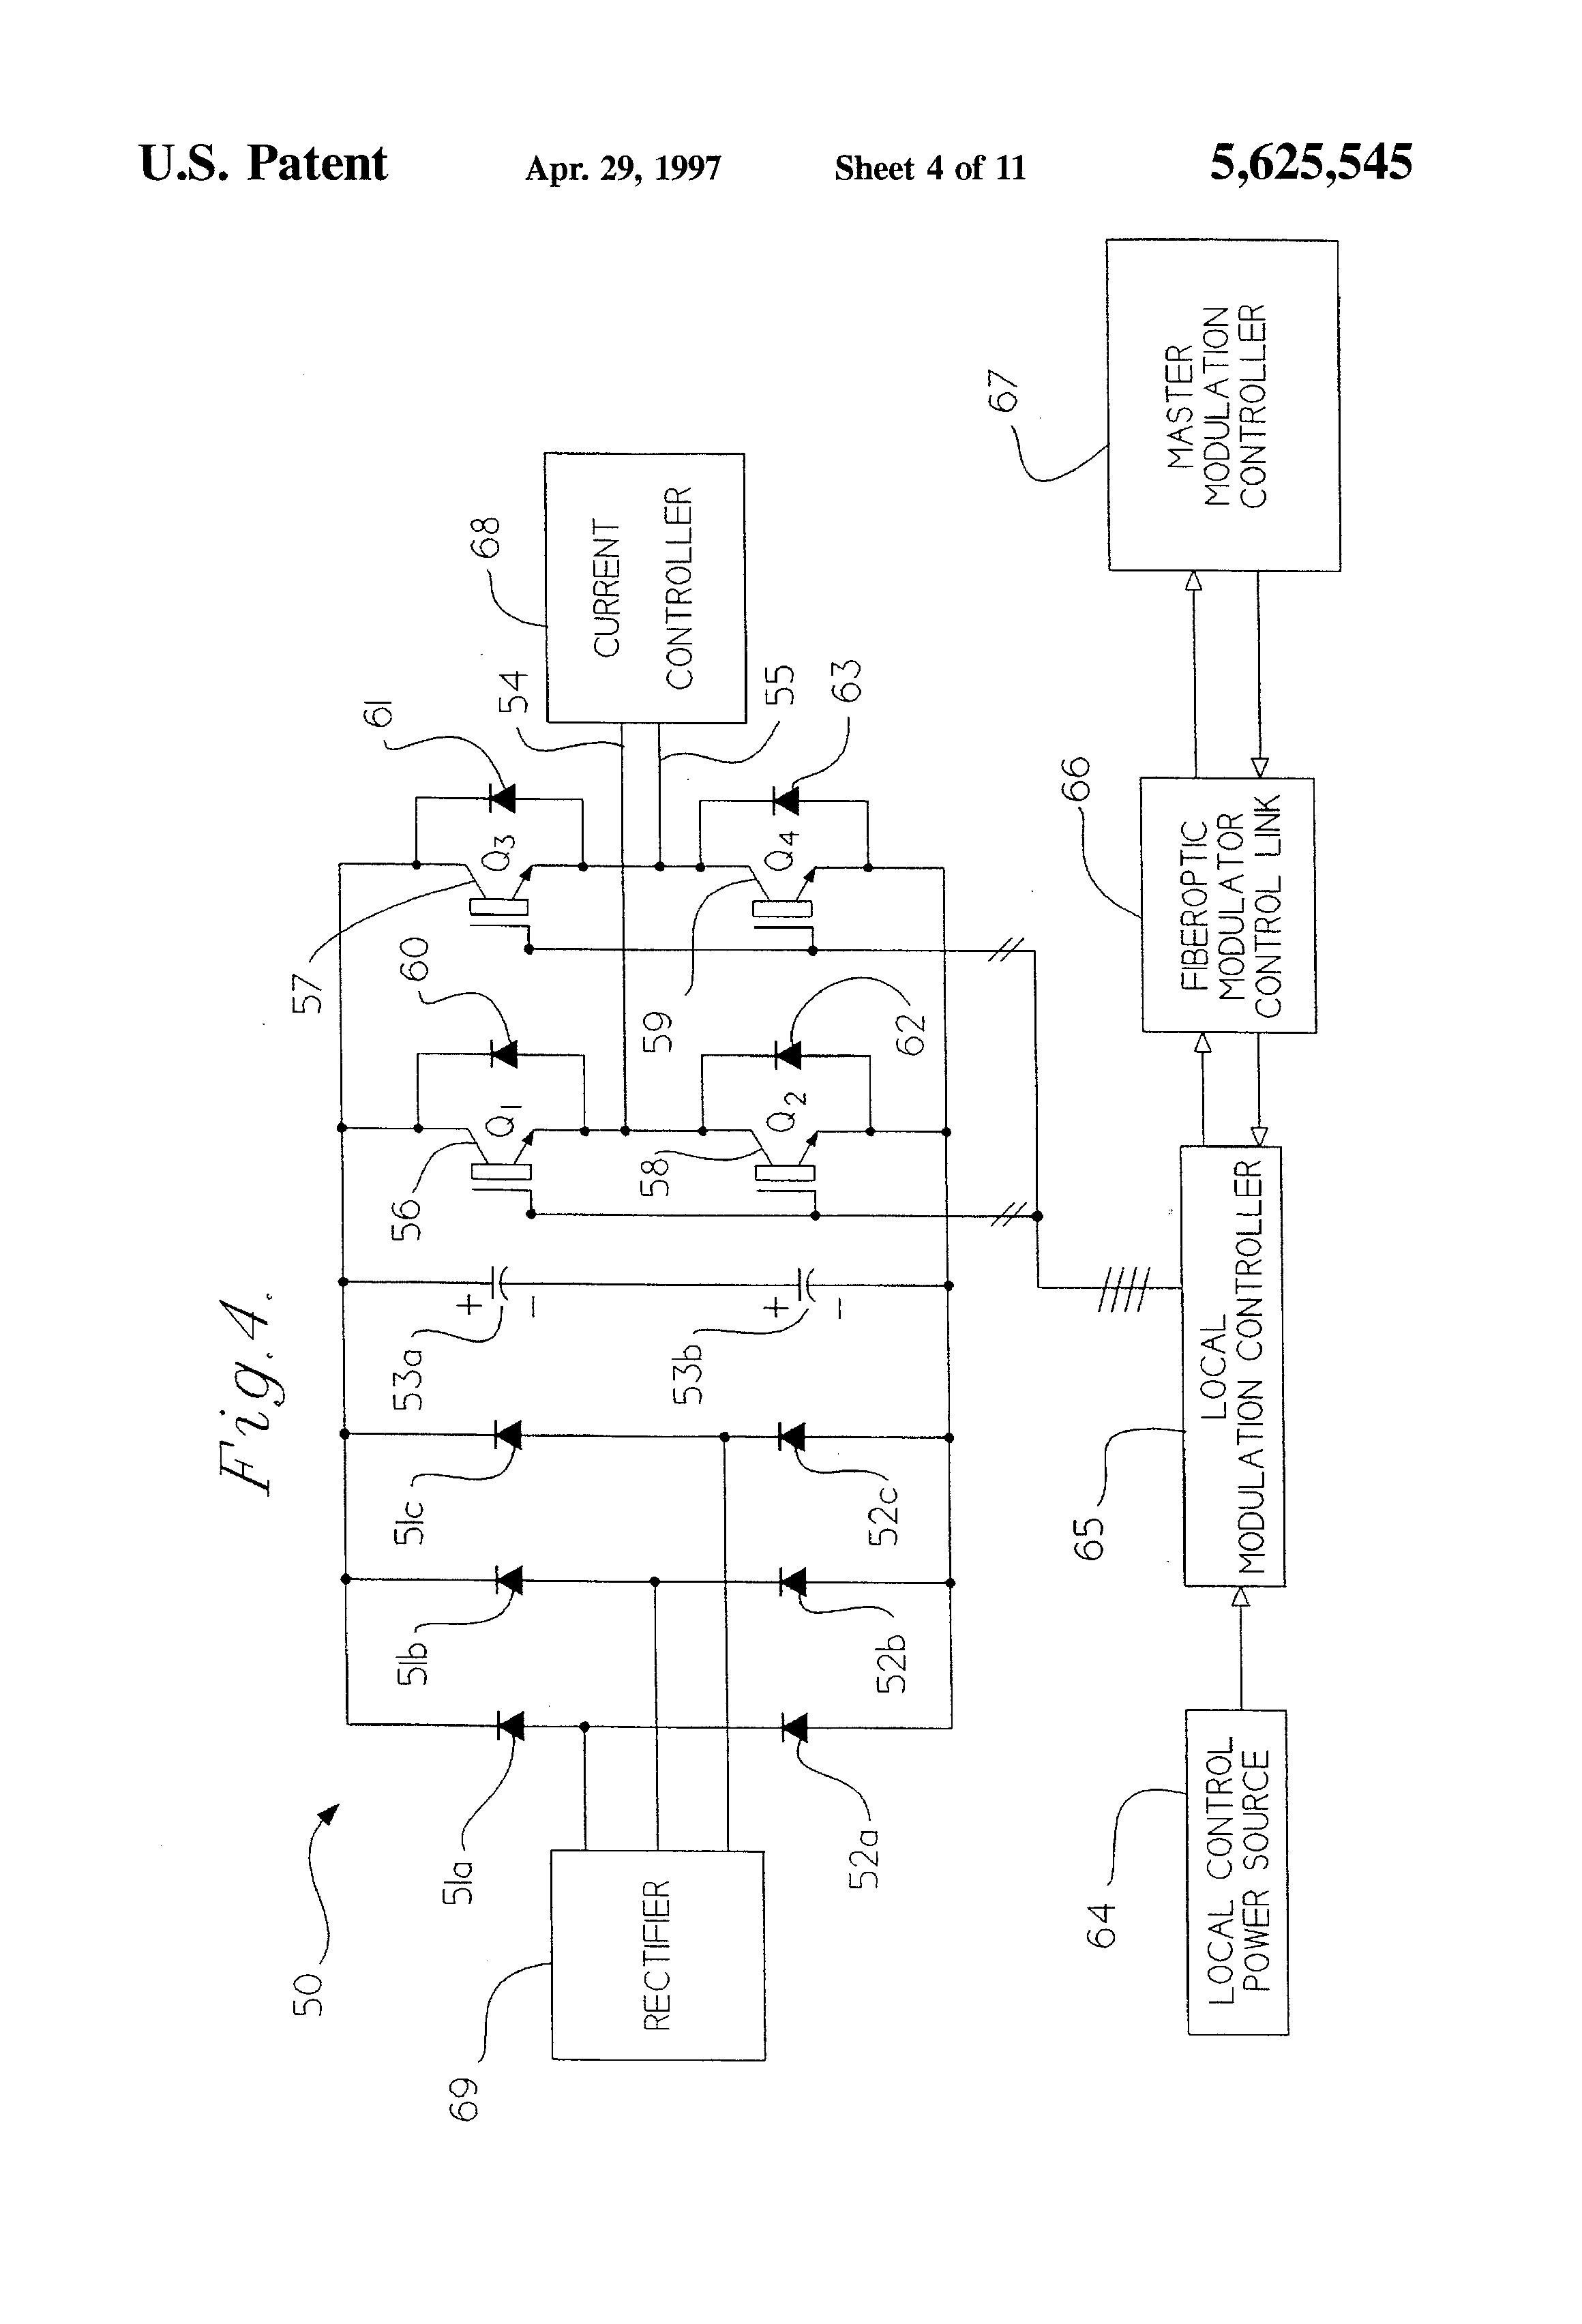 Ml320 Engine Diagram Peerless Motor Wiring Diagram Of Ml320 Engine Diagram Wrg 7069] Fuse Diagram Ml320 Cdi